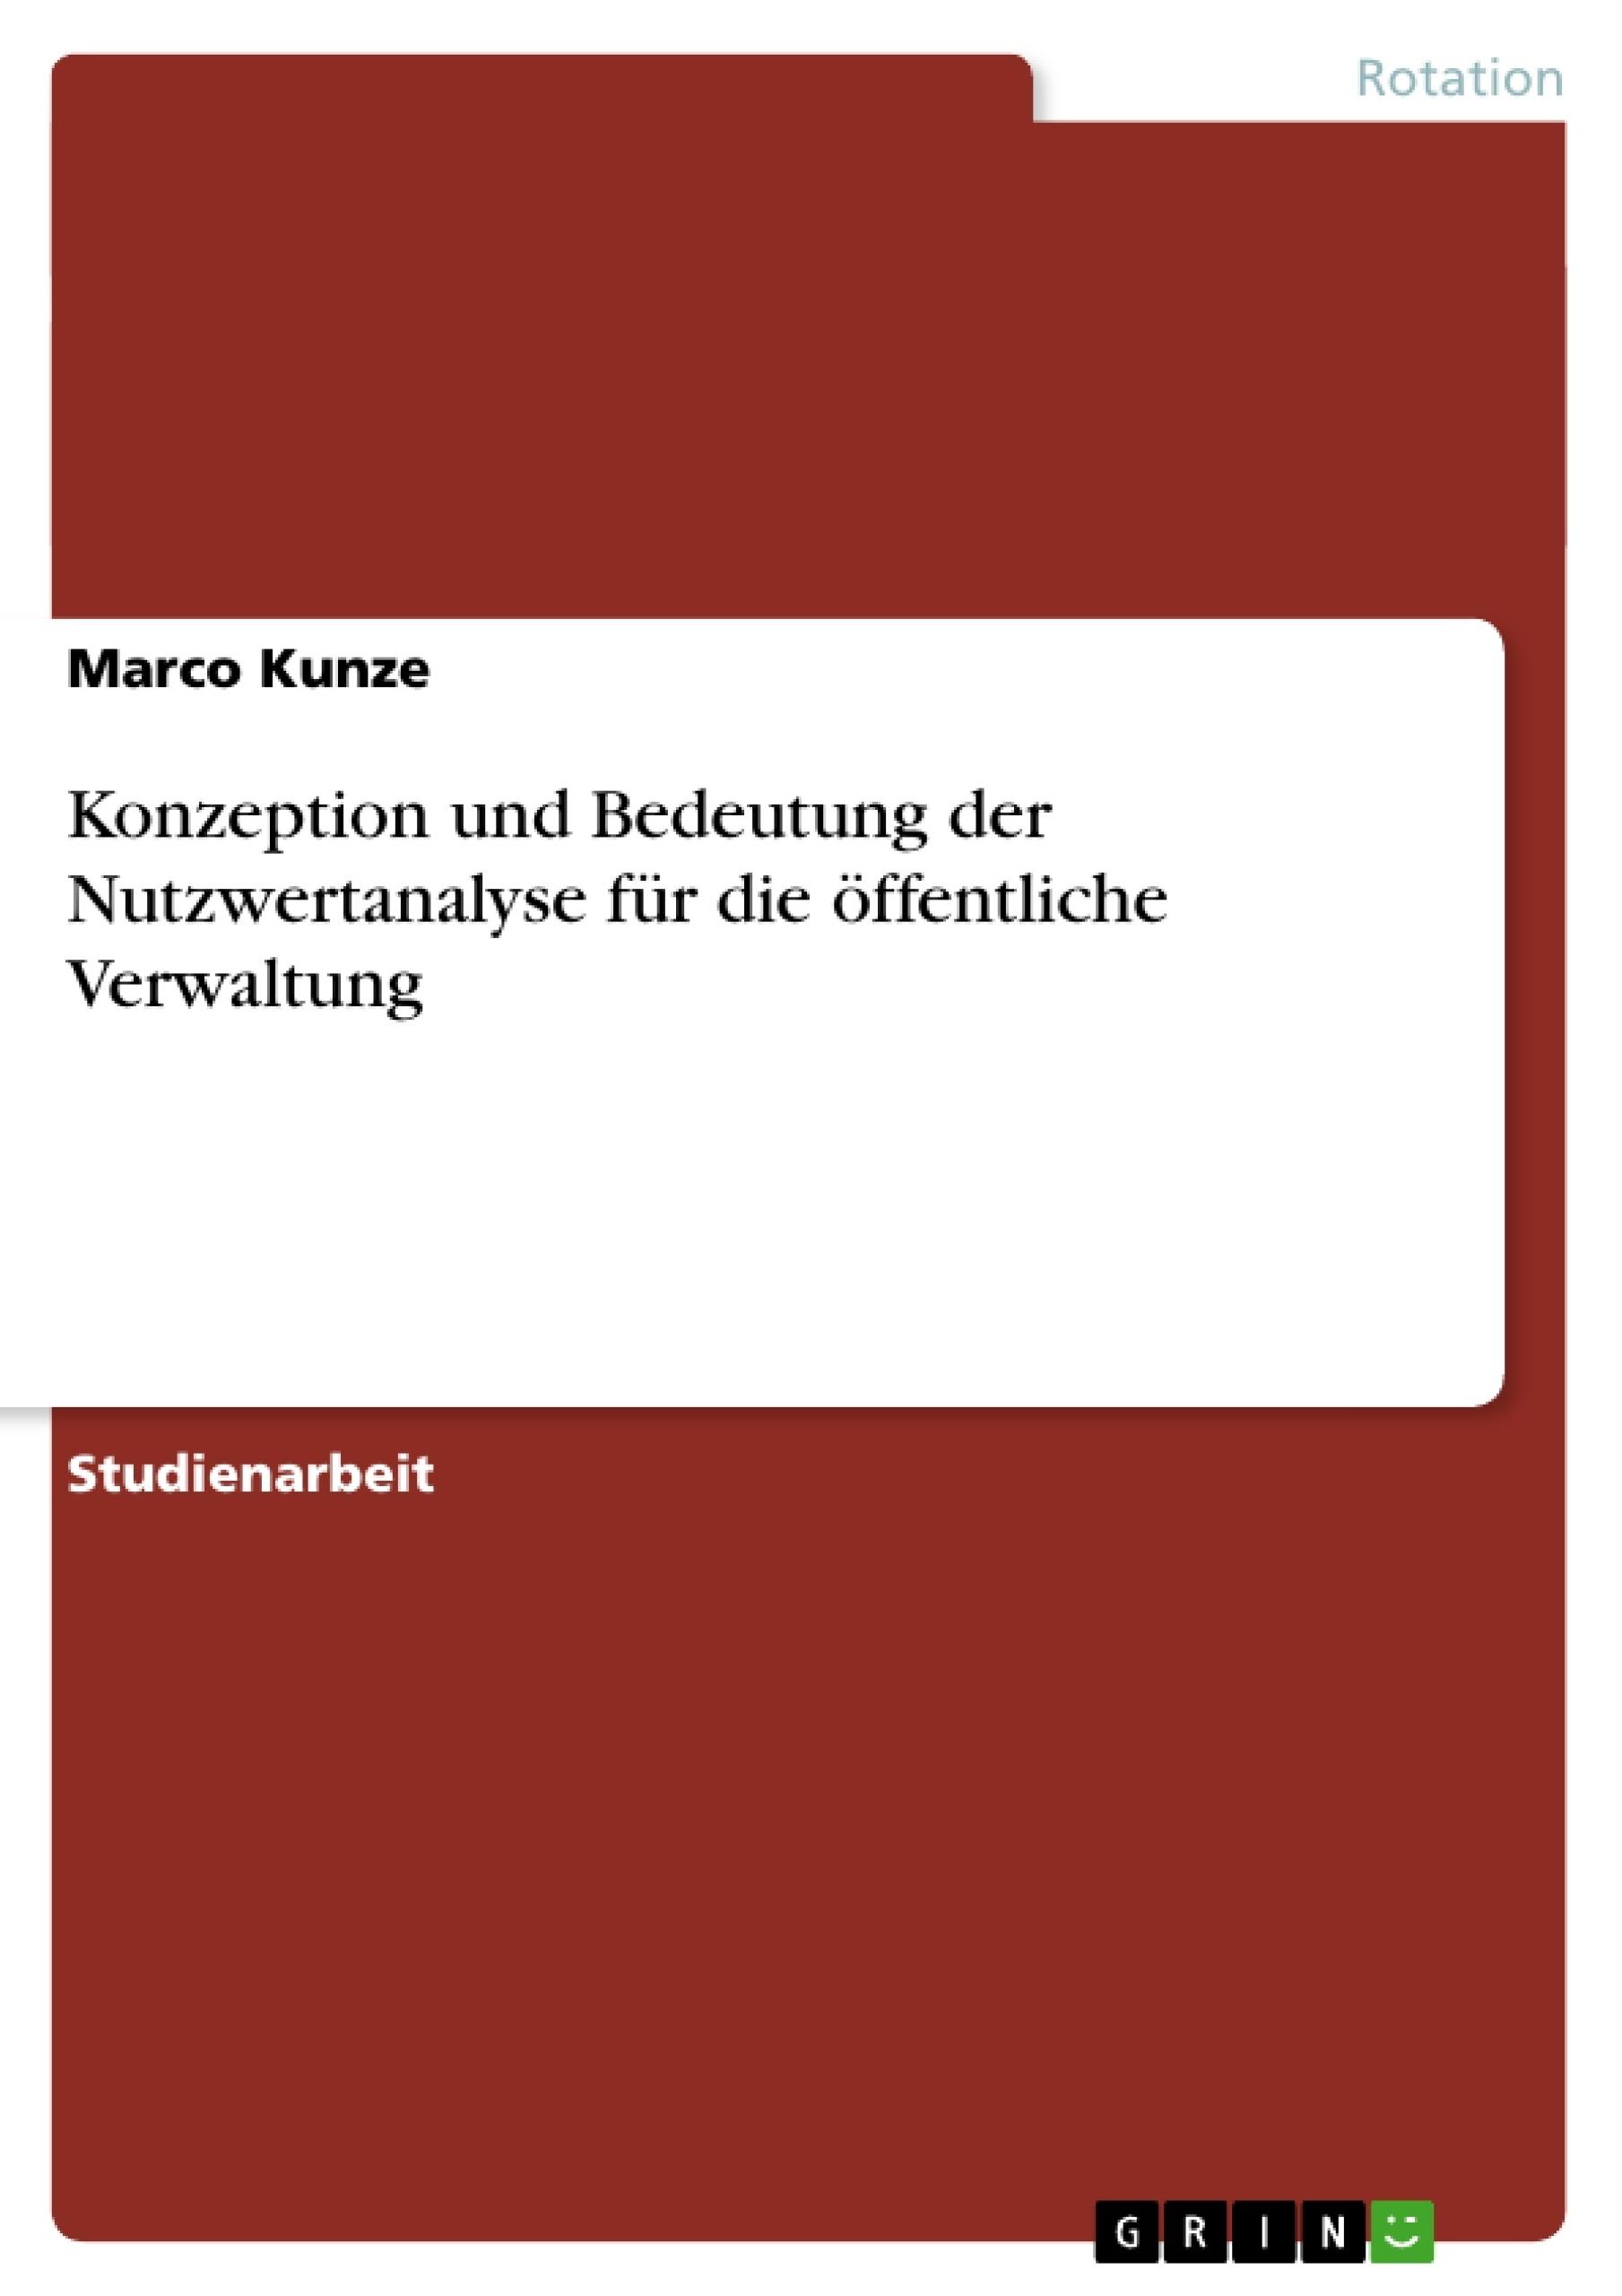 Titel: Konzeption und Bedeutung der Nutzwertanalyse für die öffentliche Verwaltung